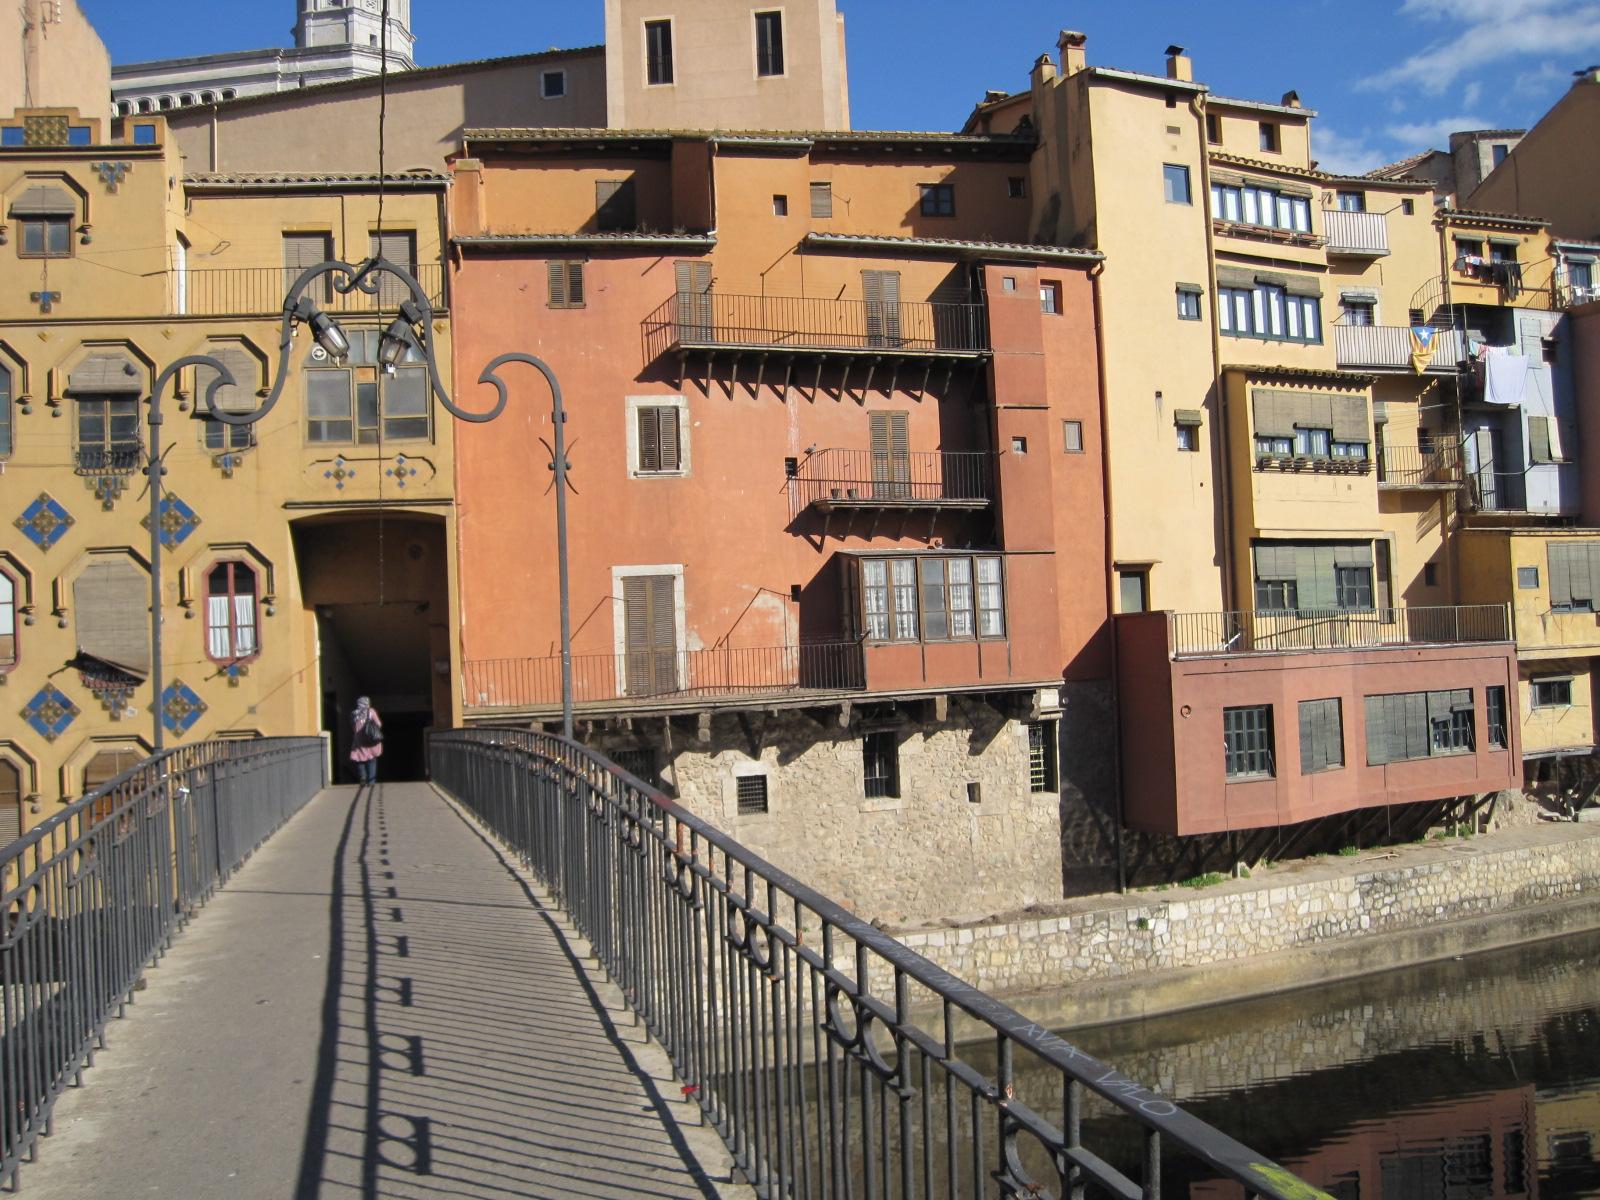 One of Girona's many bridges